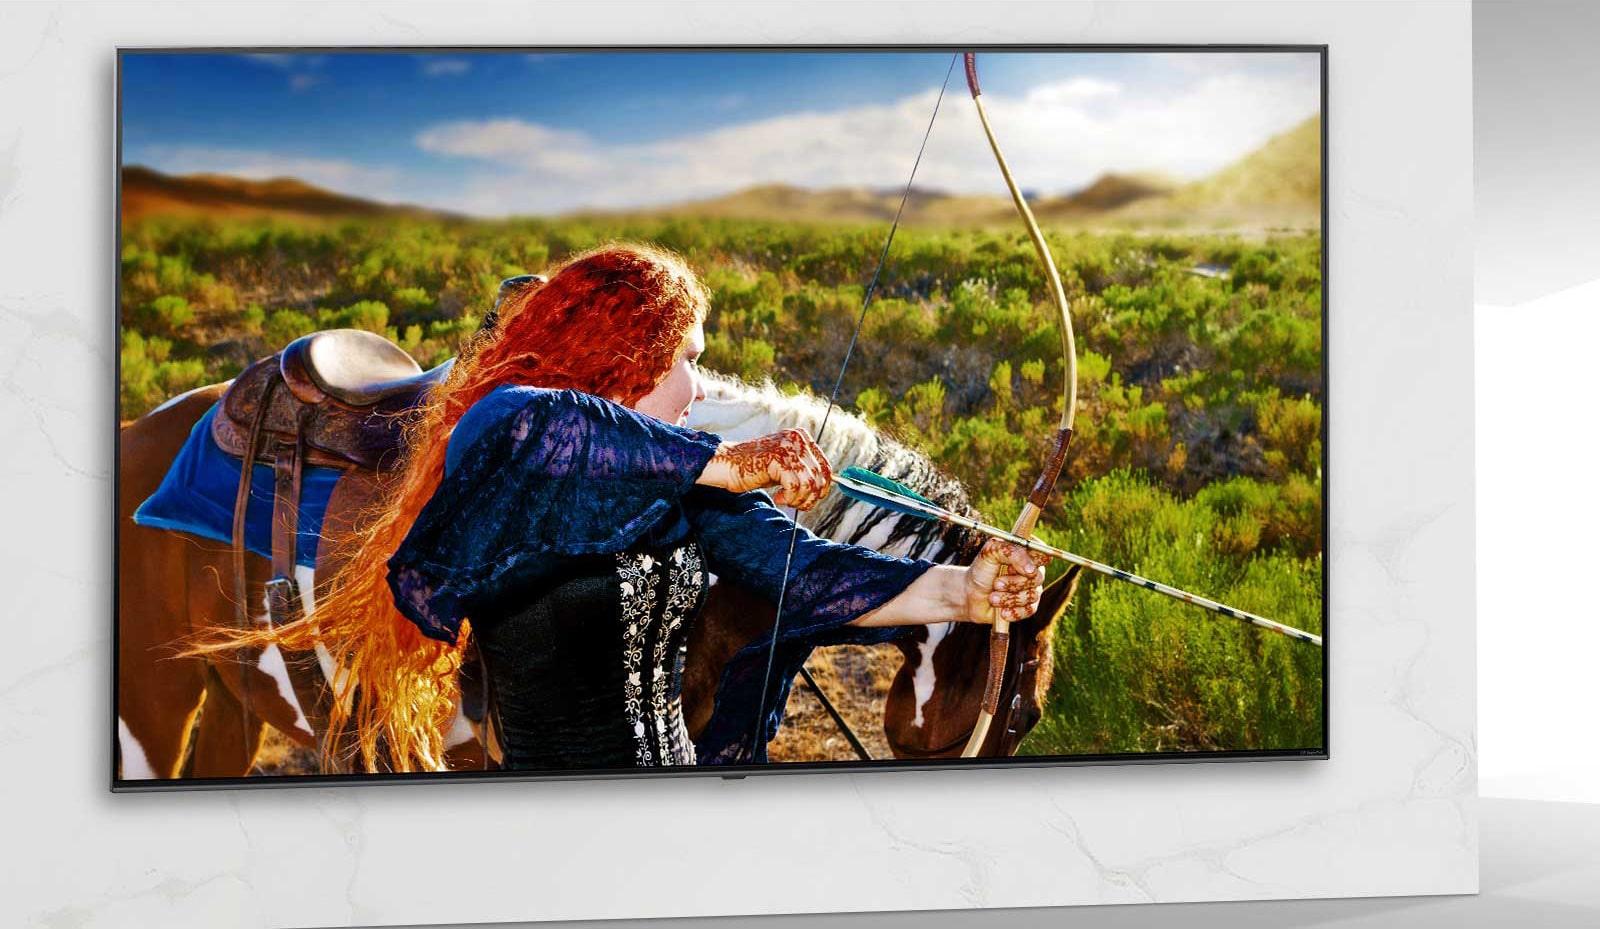 Znanstvenofantastični film prikazuje žensko, ki na televizijskem zaslonu strelja z lokom.